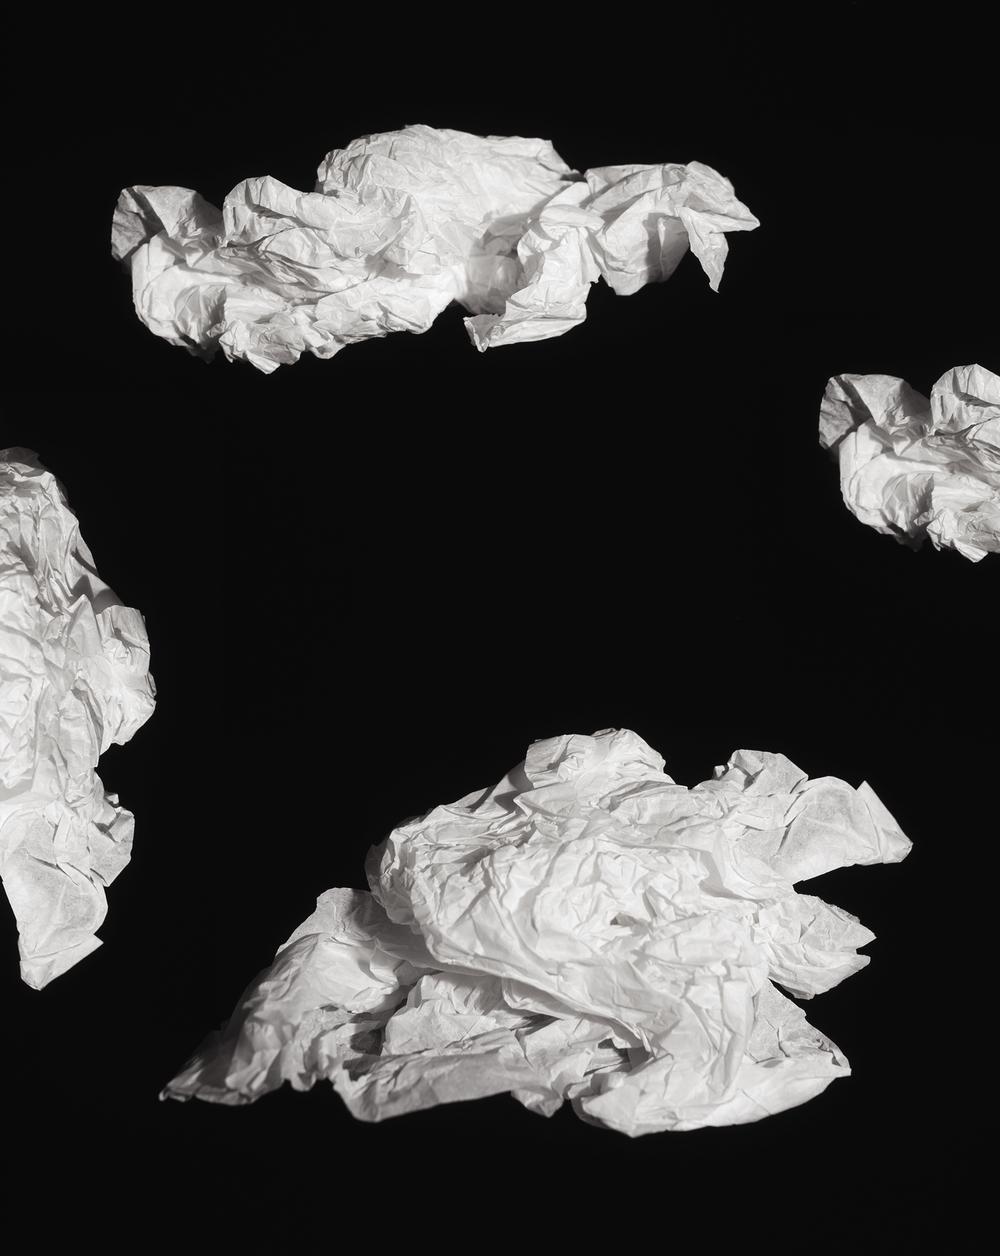 {Clouds}, C-Print, 27 x 21.5 inches, 2014